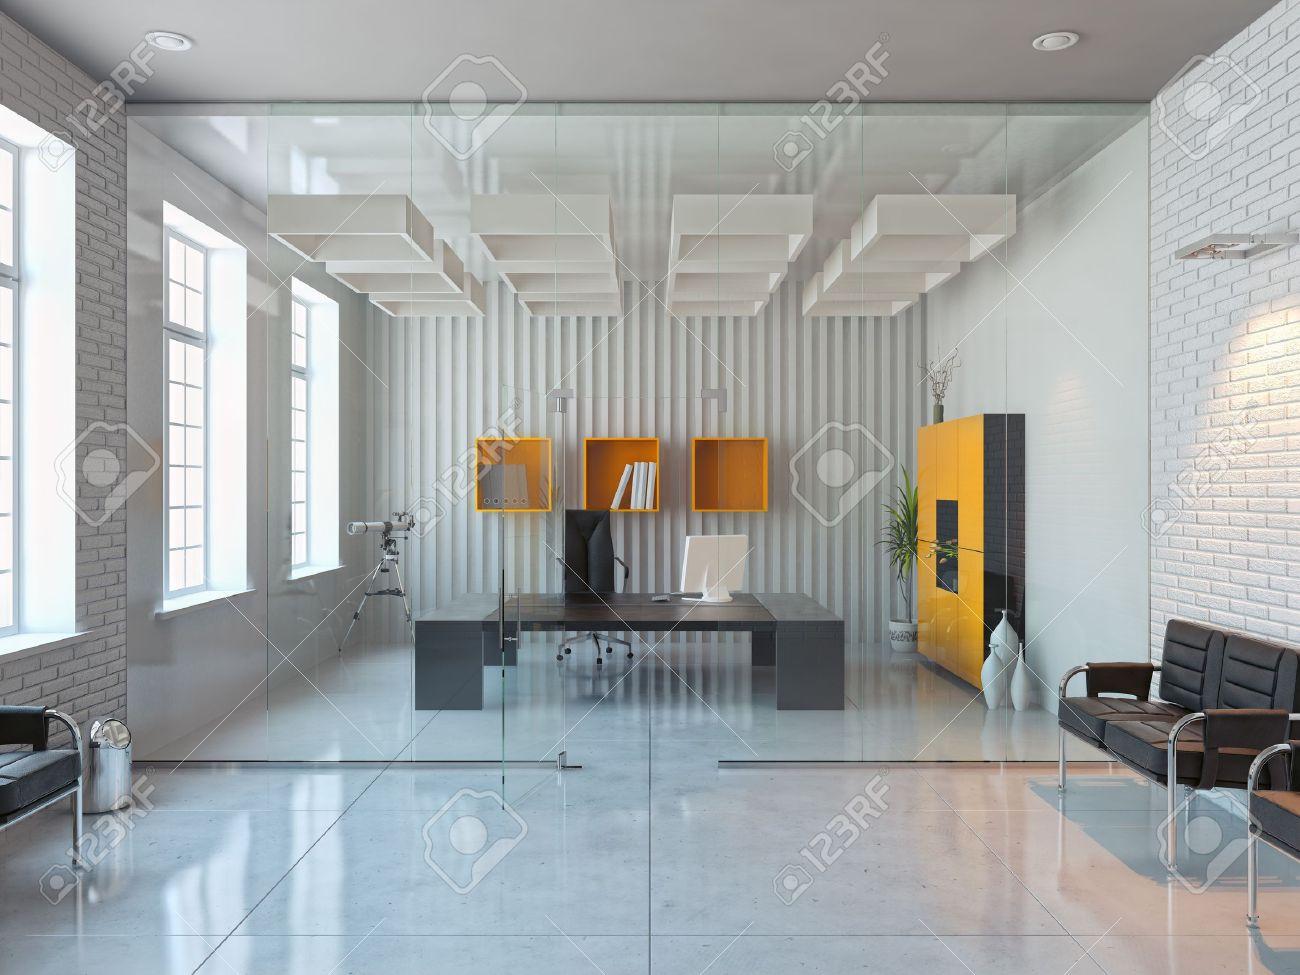 Moderne Innenarchitektur Von Büroraum (3D Render) Lizenzfreie Fotos ...